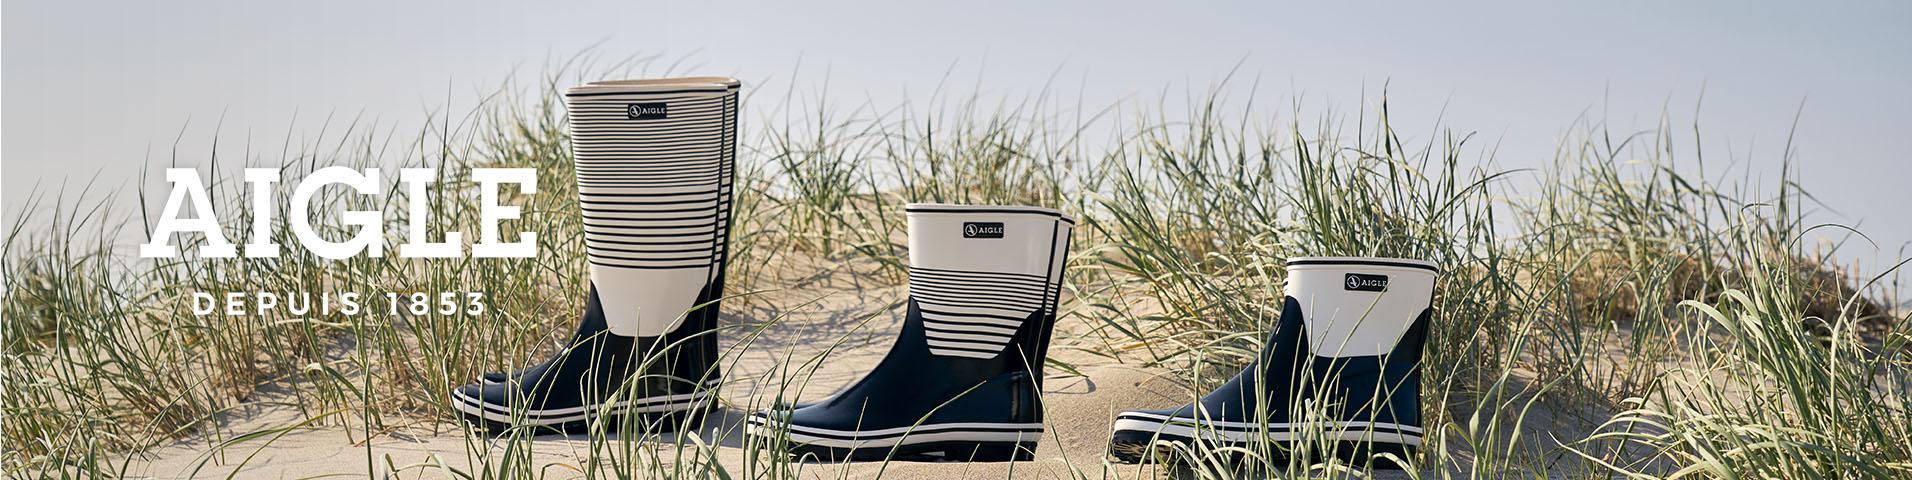 online retailer 00dc1 db508 Aigle Gummistiefel kaufen - Sag Adé zu schlechtem Wetter ...